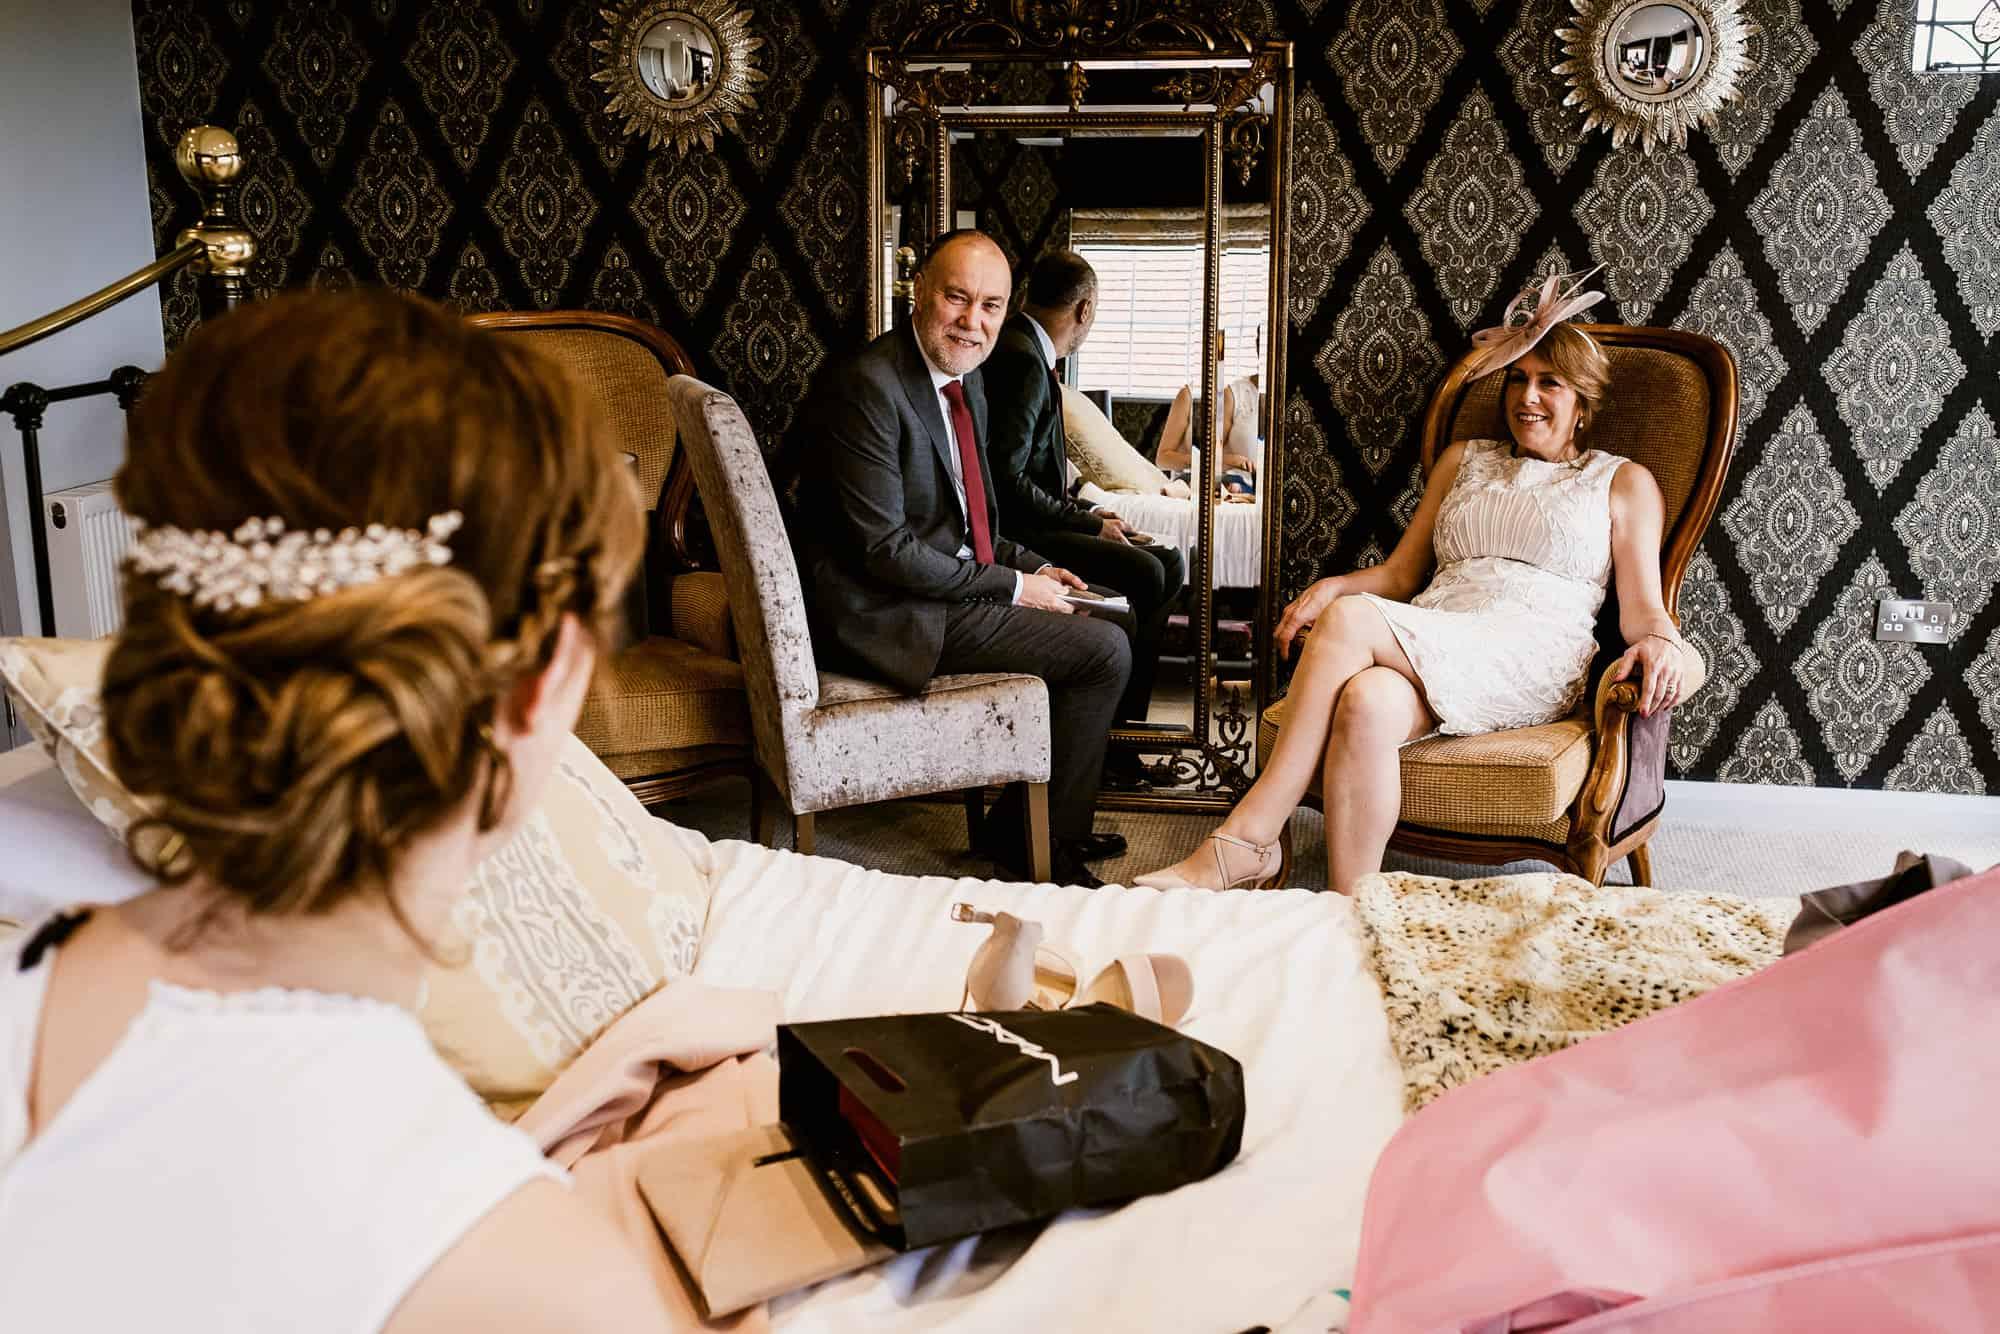 east-quay-wedding-photographer-matt-tyler-0006